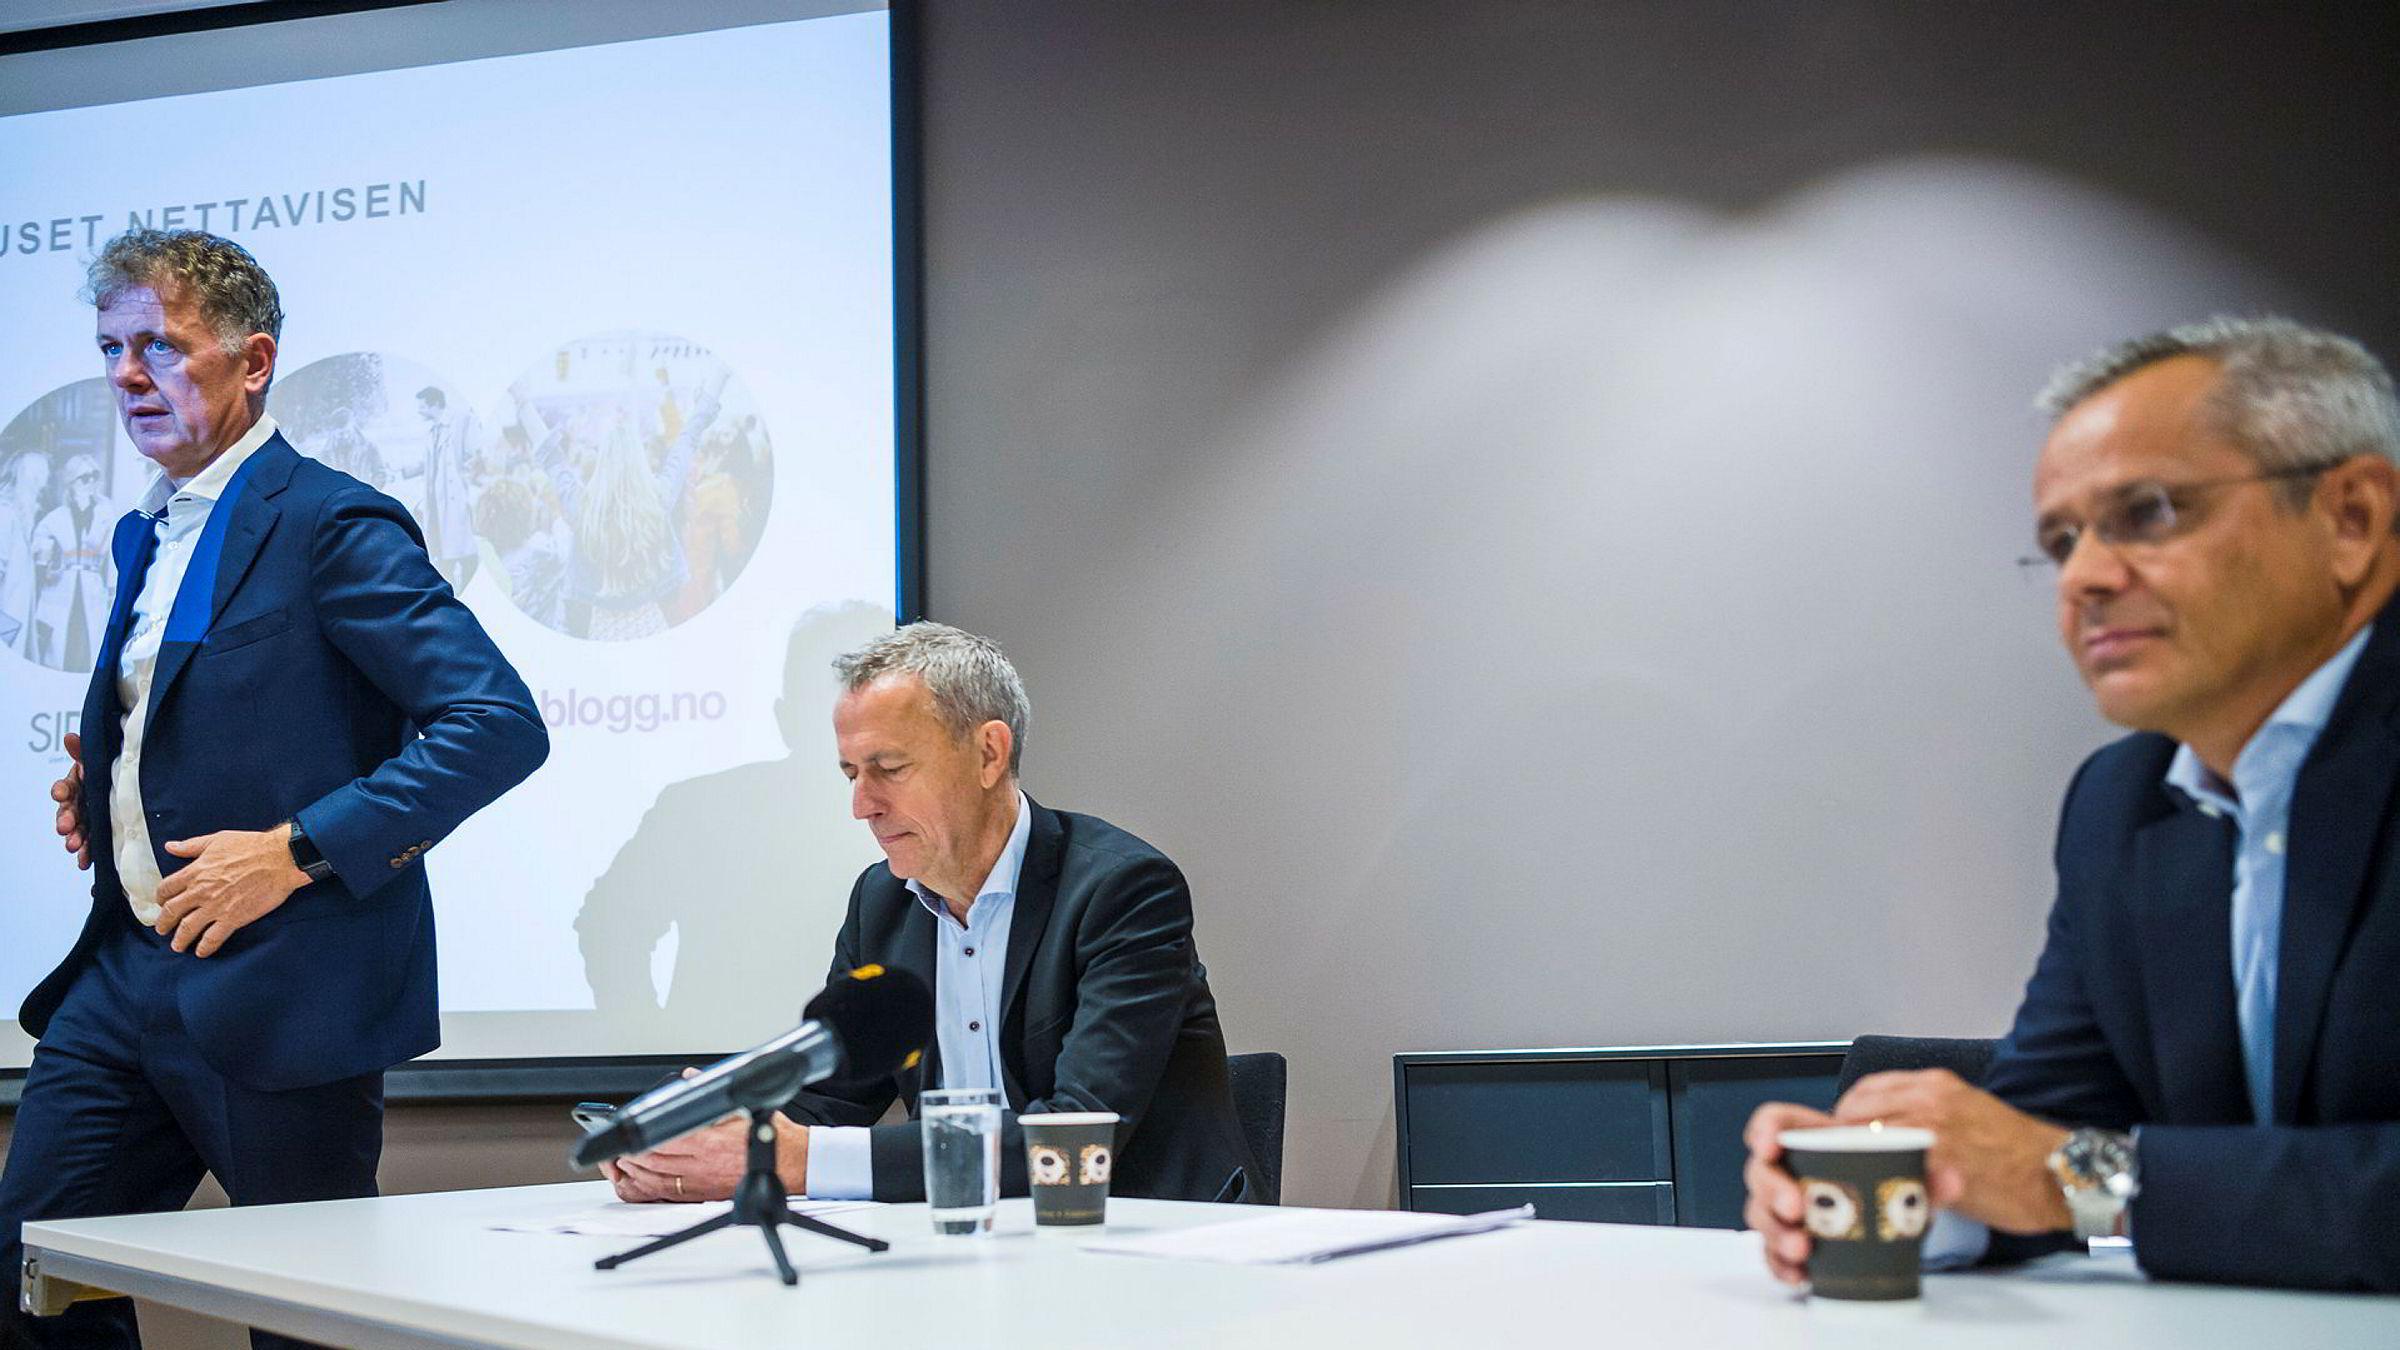 Mediehuset Nettavisens to eiere deler selskapets virksomhet mellom seg. Fra venstre: Sjefsredaktør i Nettavisen Gunnar Stavrum, Konsernsjef Are Stokstad i Amedia og administrerende direktør Espen Asheim i Egmont Publishing